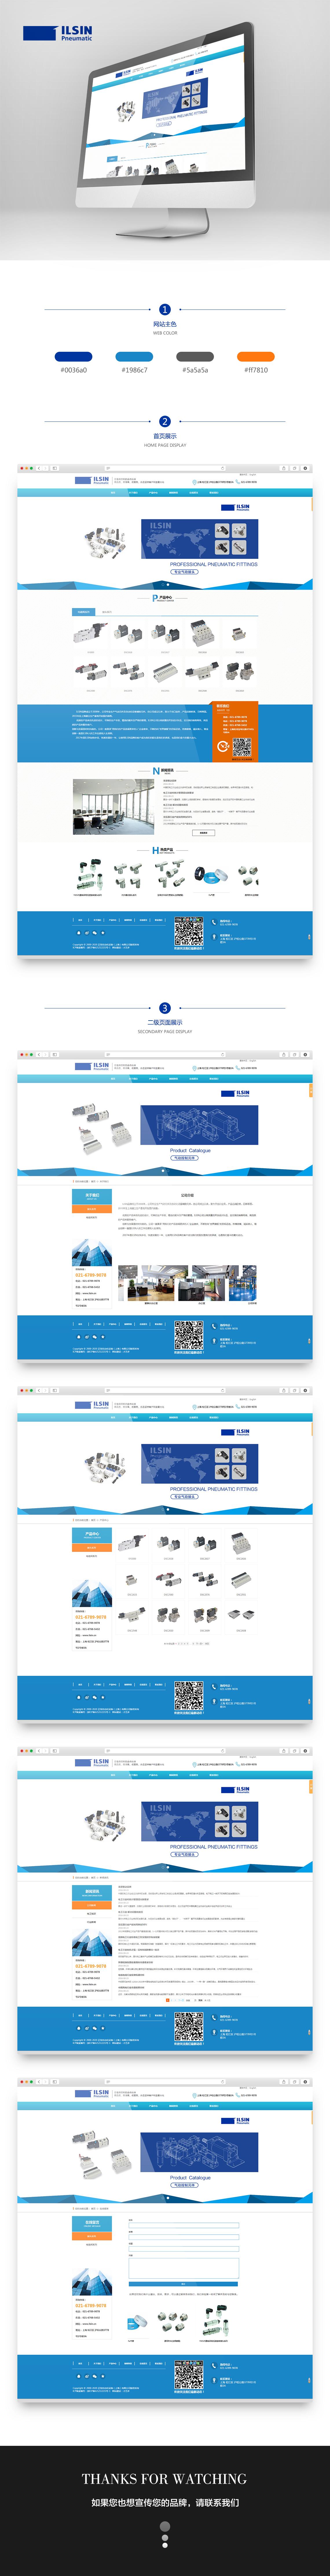 公司案例展示2018-24上海正菏自动化设备有限公司